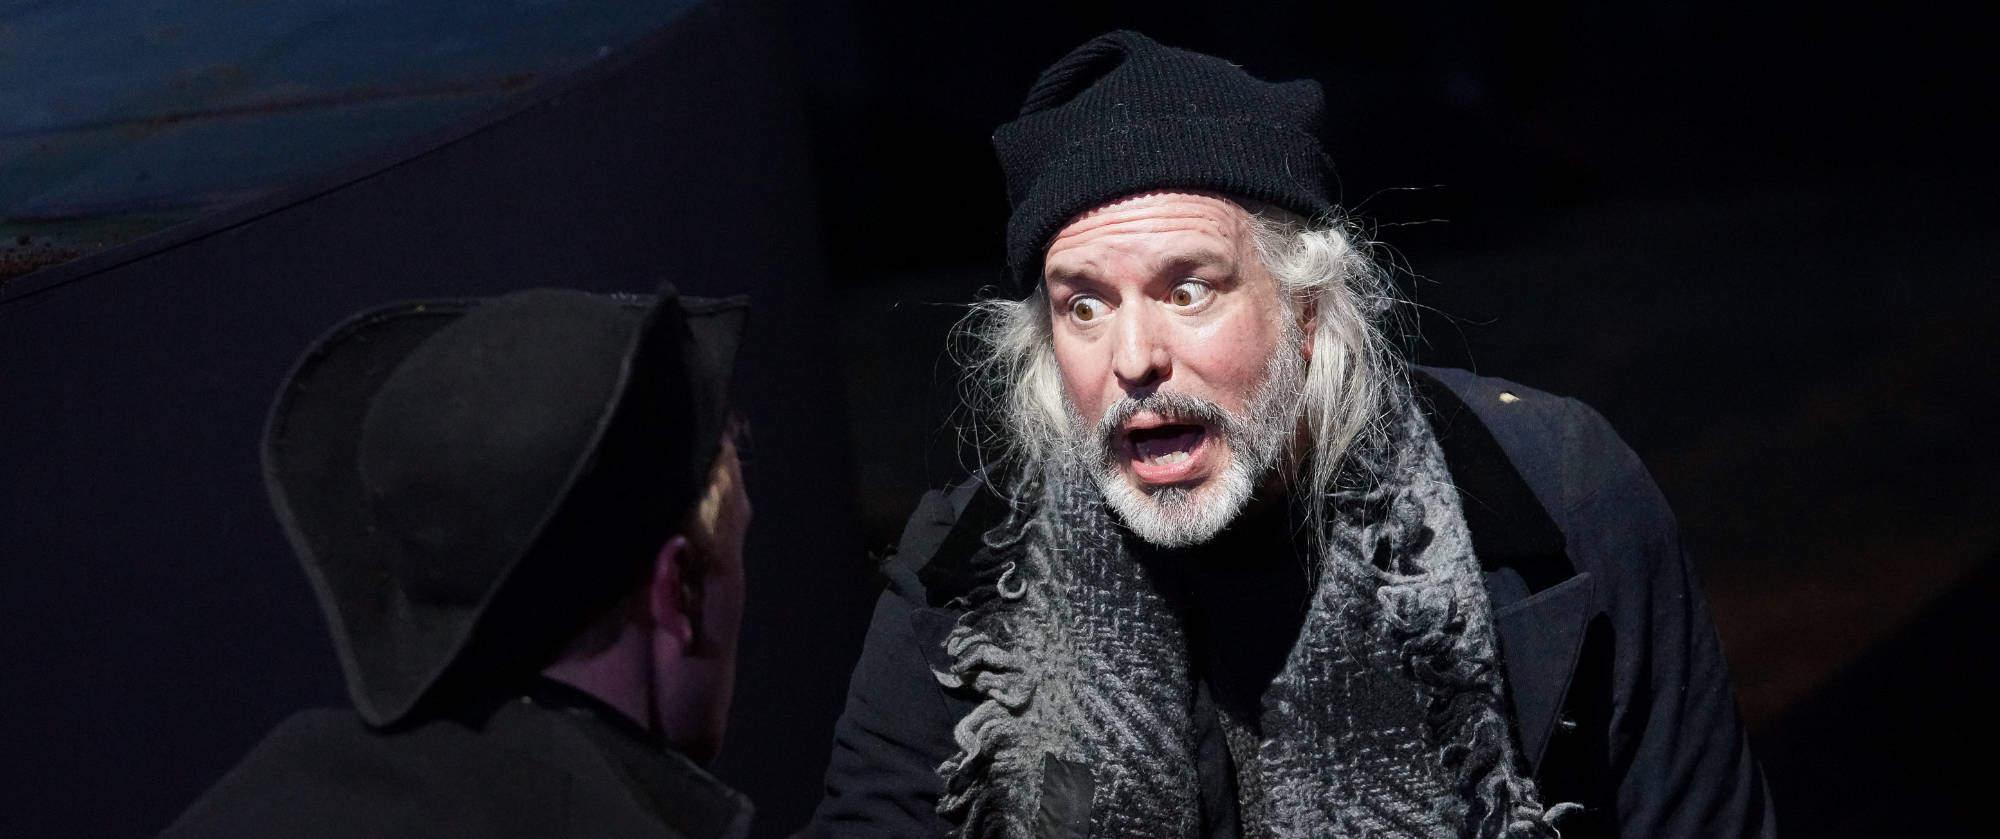 014-DIE-ELENDEN-nach-Victor-Hugo-Les-Miserables-von-Malte-Kreutzfeldt-Regie-c-photo-Olaf-Struck-Theater-Schauspielhaus-Kiel-2019